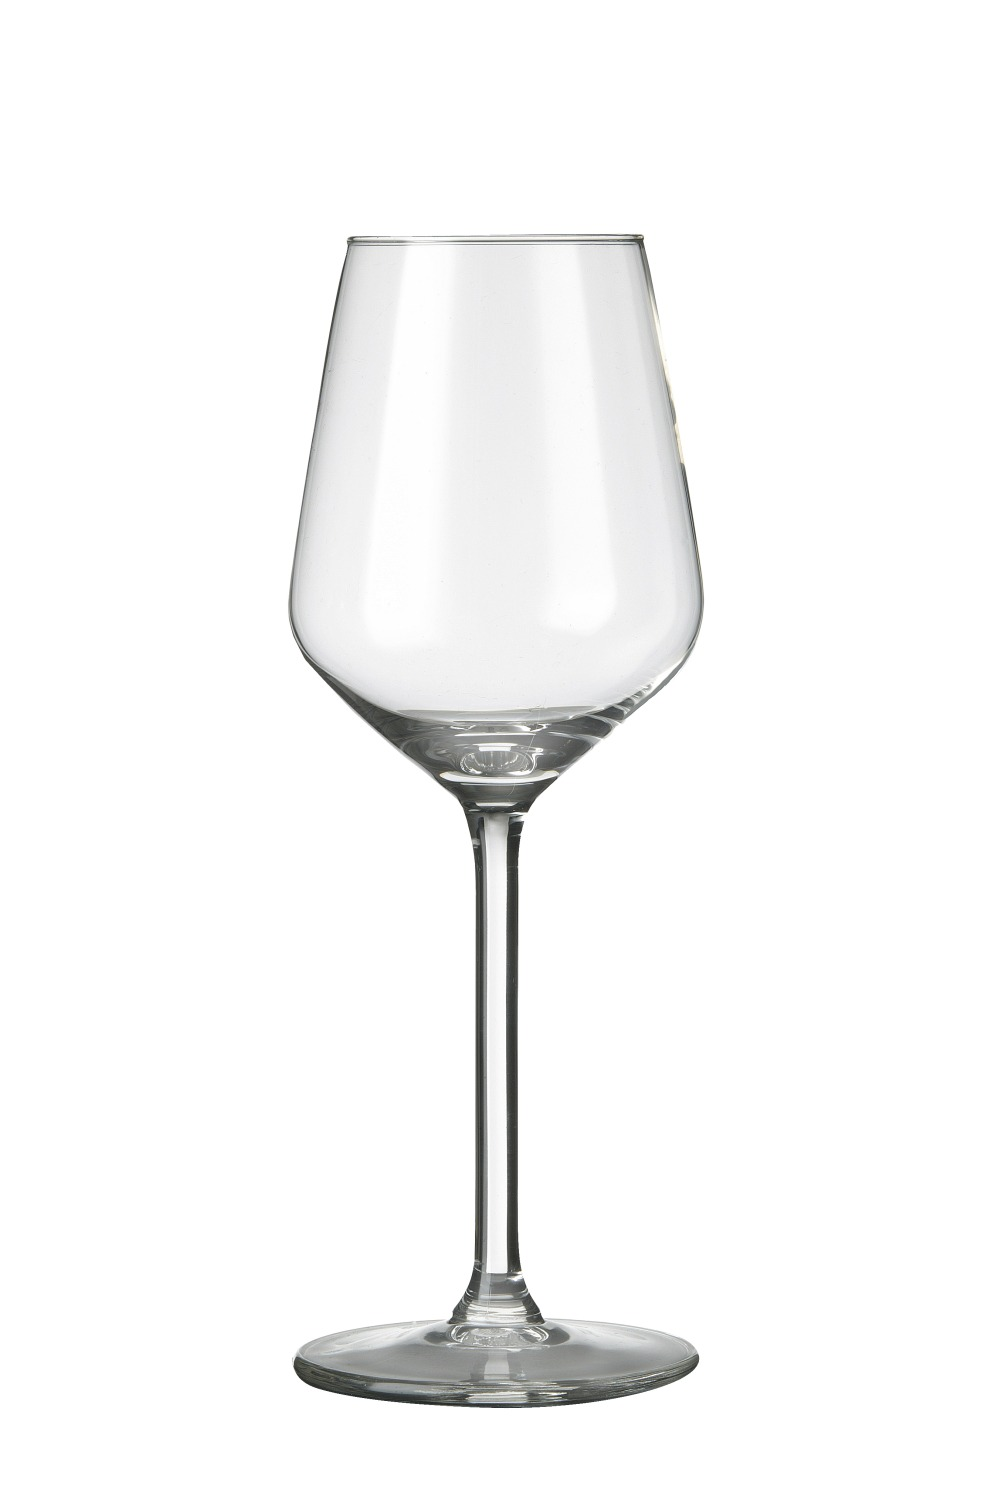 royal_leerdam_wijnglas_carre_29cl.jpg